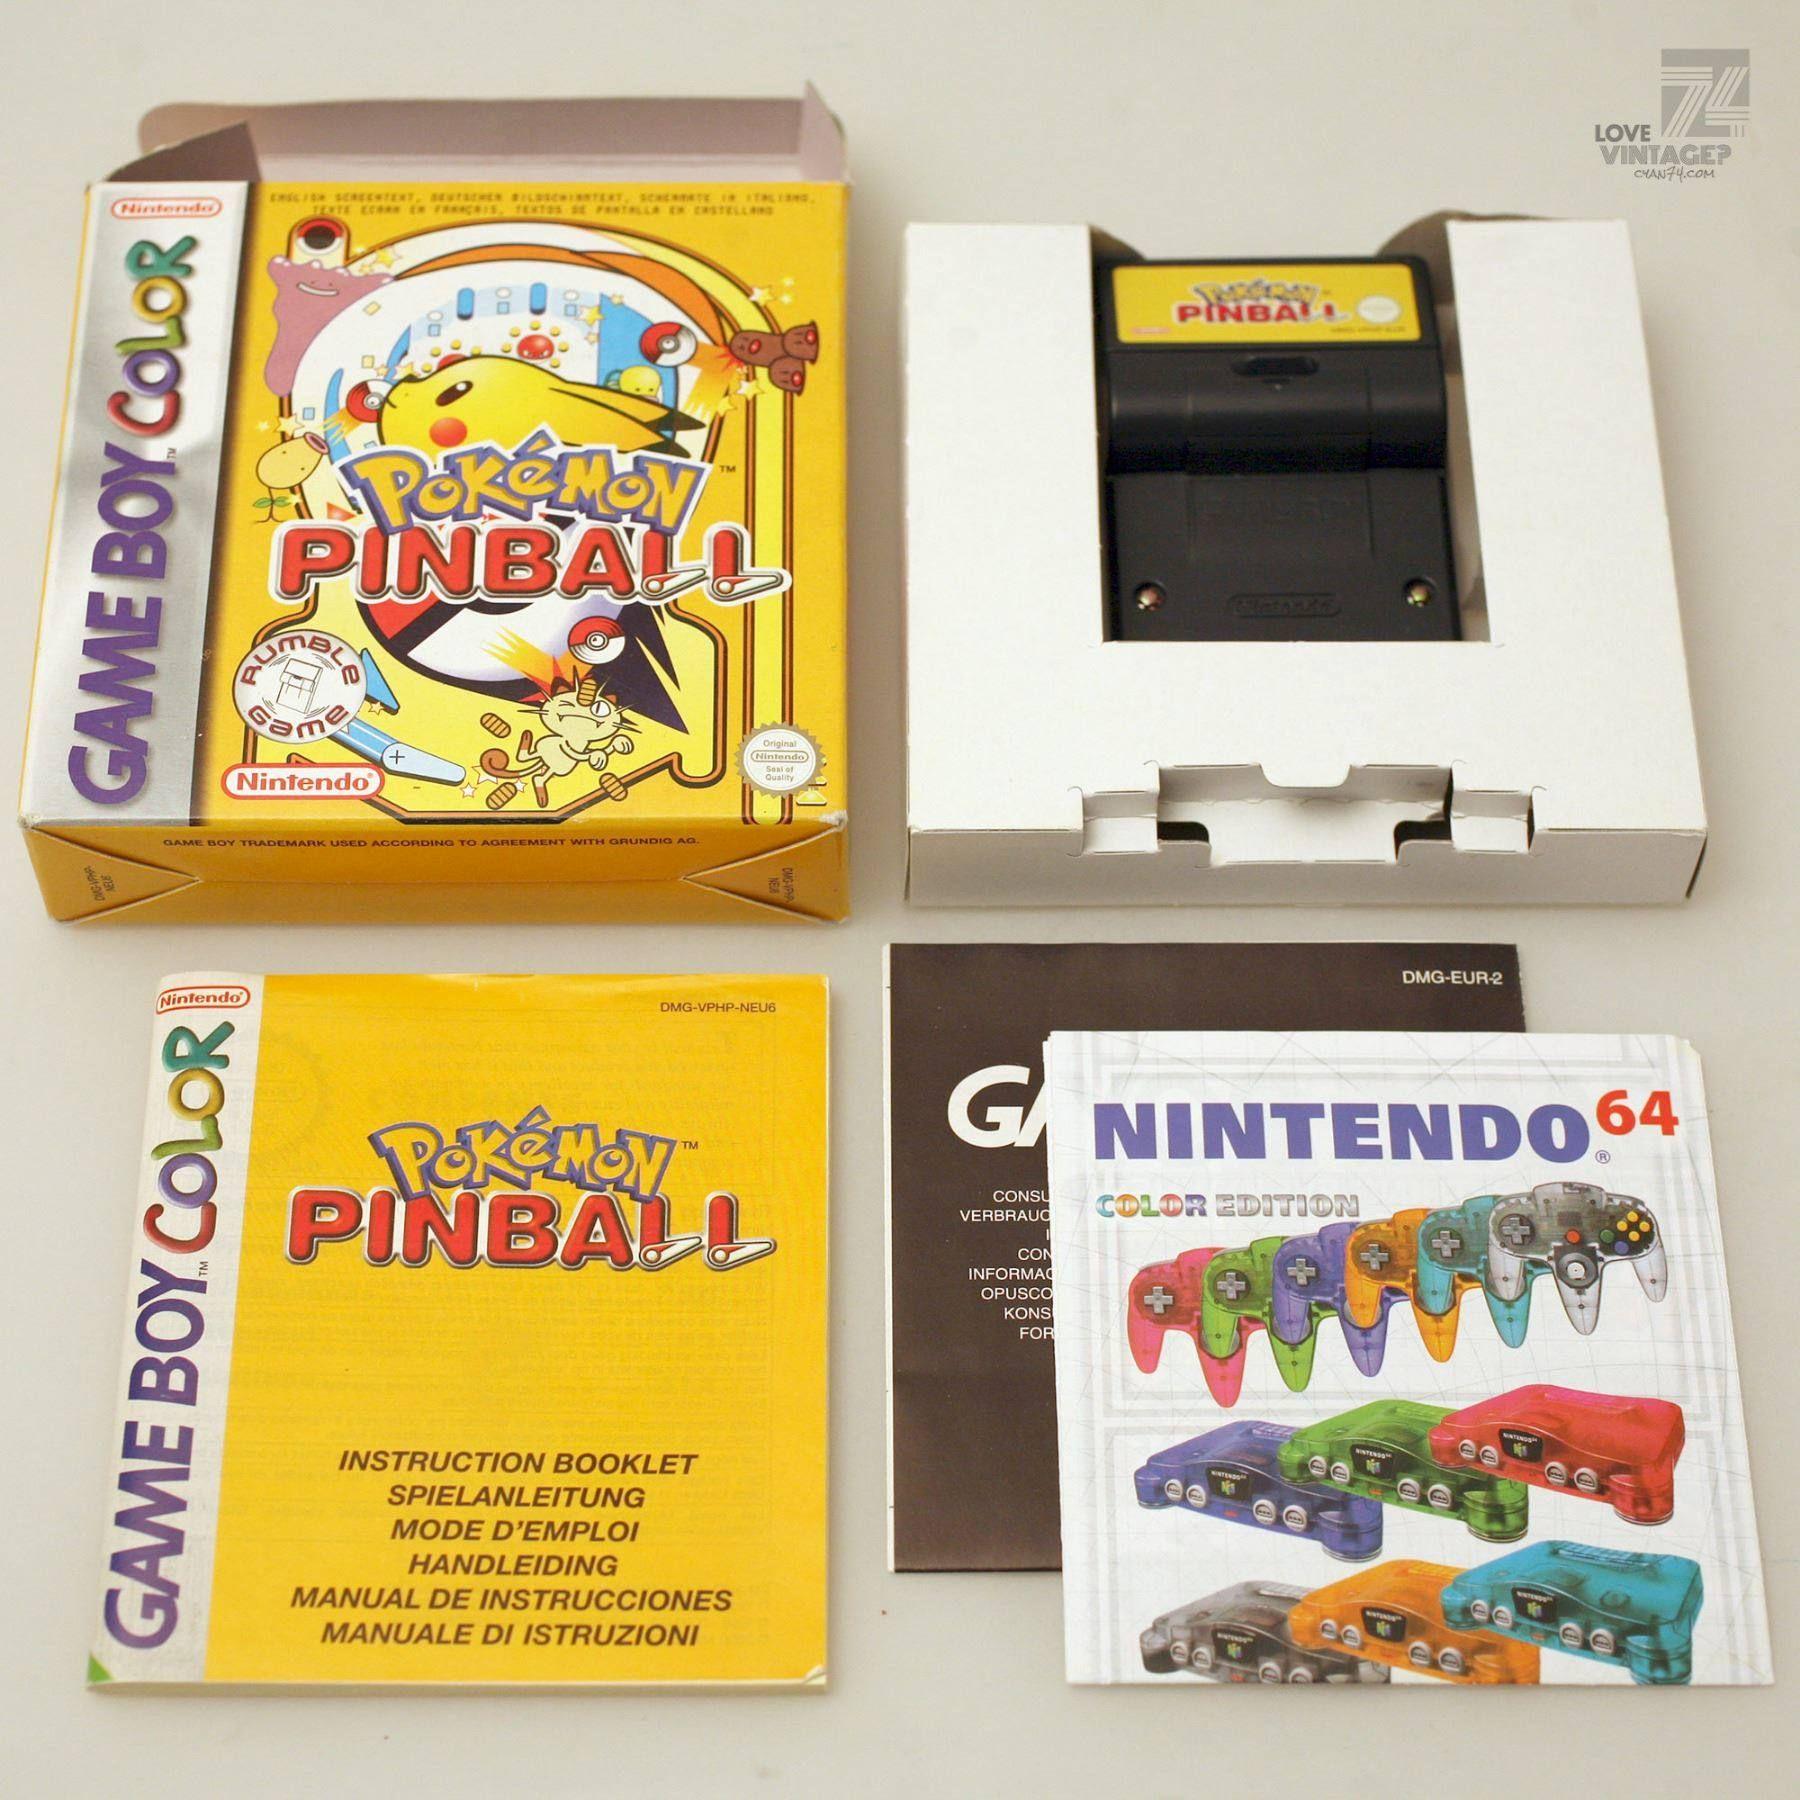 cyan74.com - vintage & pop culture | Nintendo Gameboy Color Pokemon Pinball